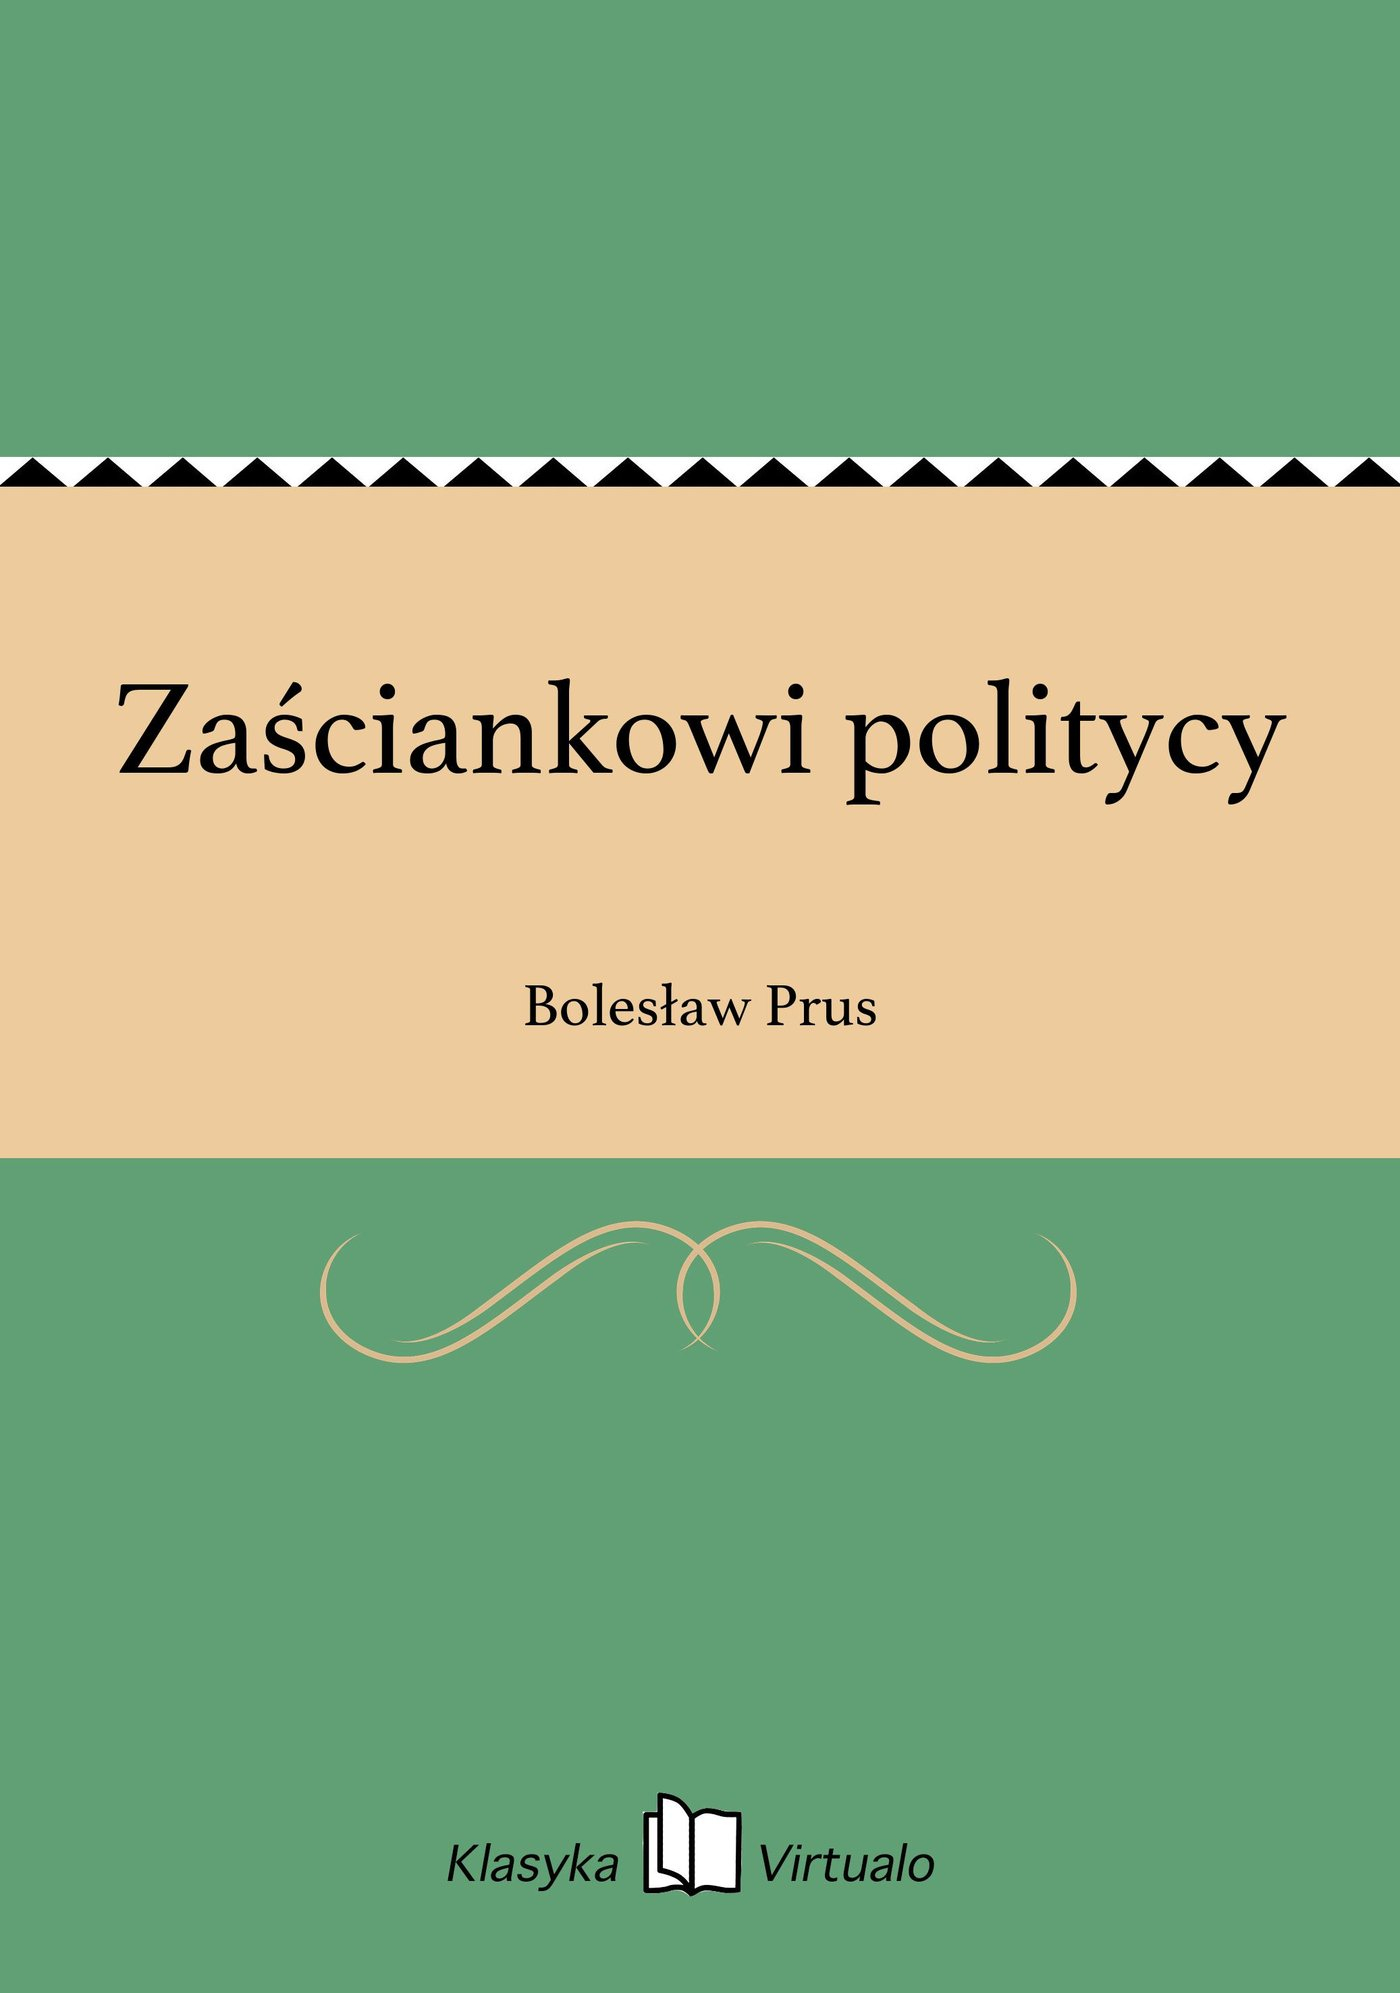 Zaściankowi politycy - Ebook (Książka na Kindle) do pobrania w formacie MOBI